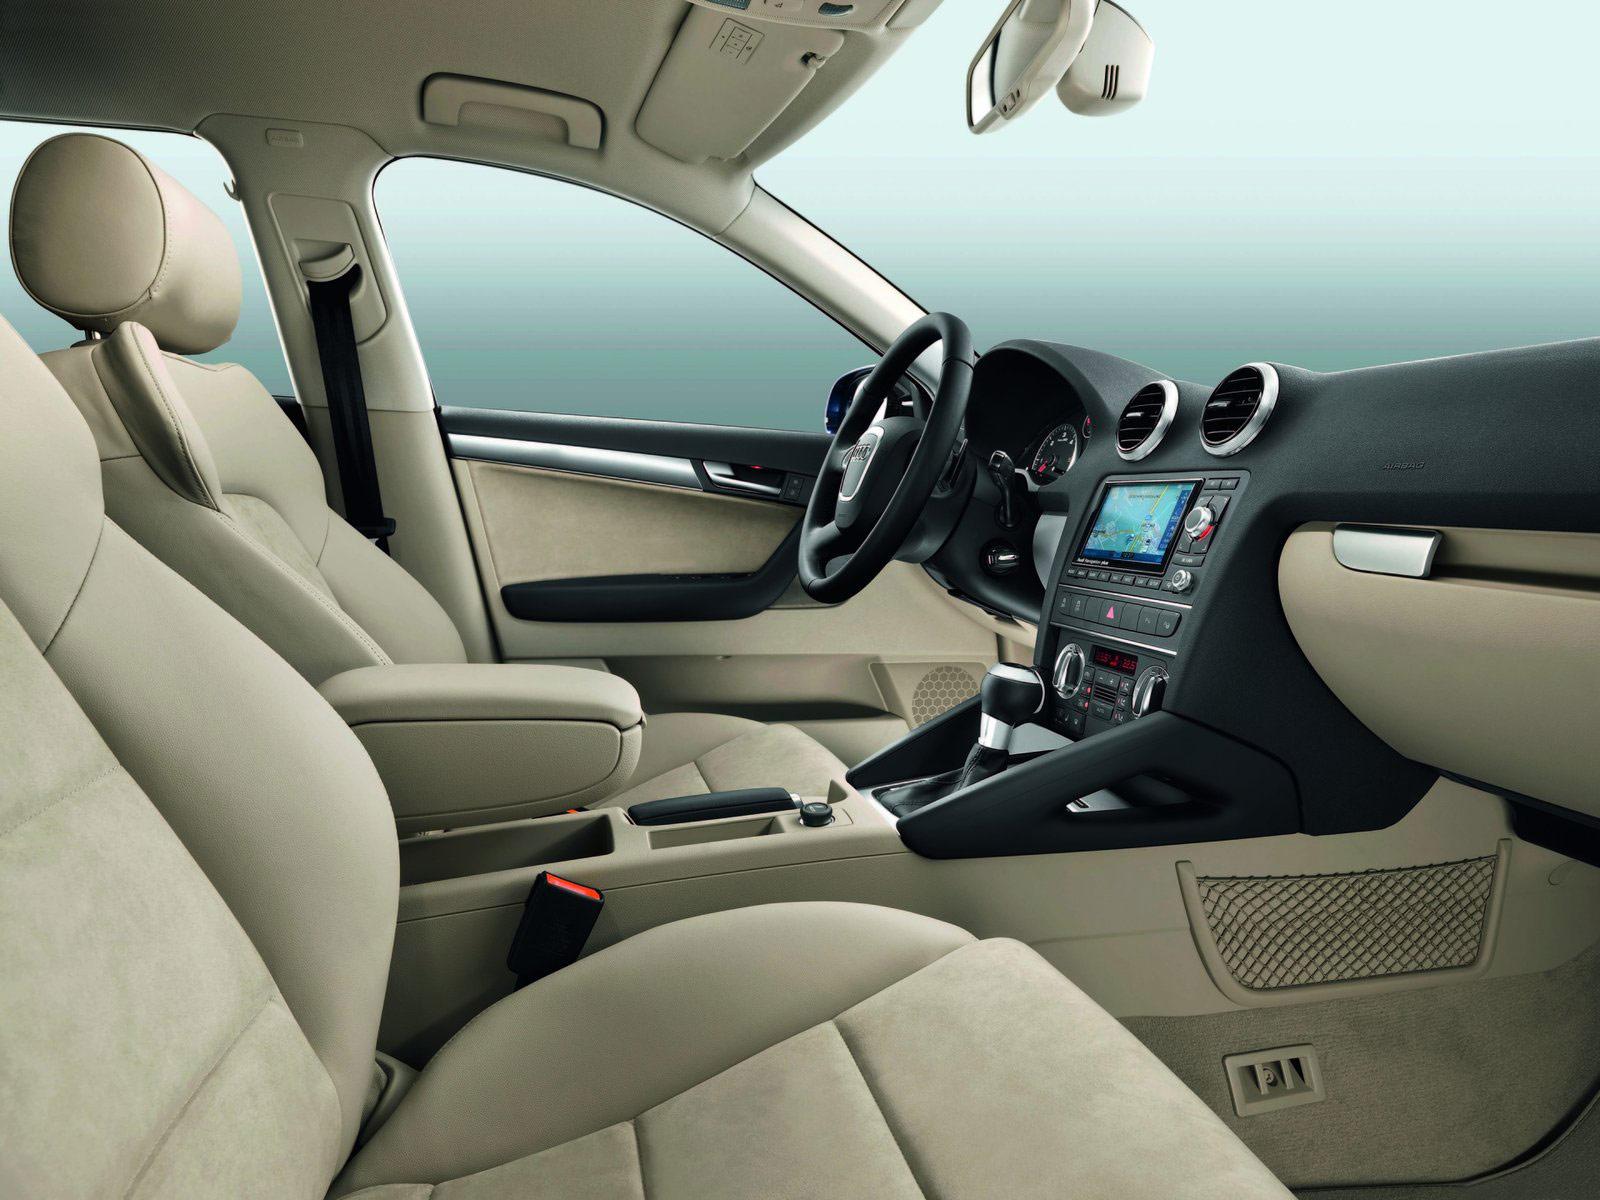 Kelebihan Kekurangan Audi A3 Sportback 2011 Spesifikasi